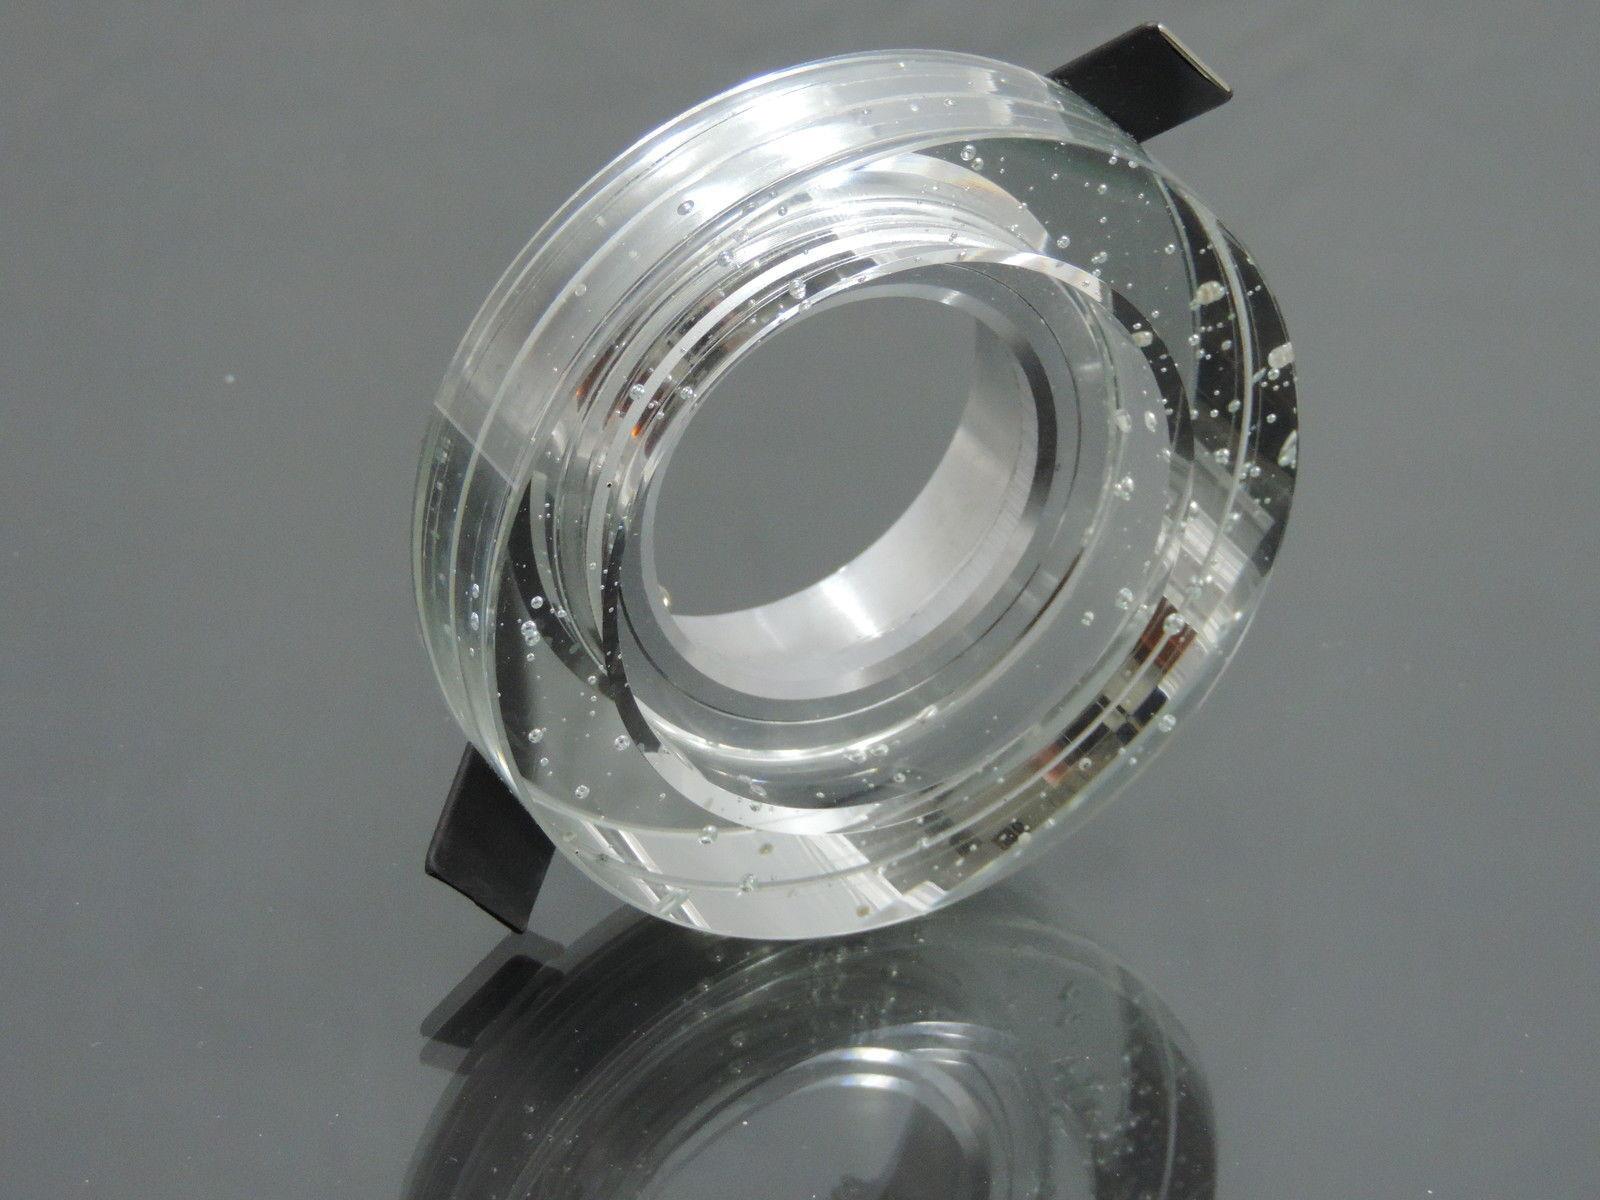 5 x Kristall Einbaustrahler  Spot  Downlight für LED glas klar Blaubber  9385